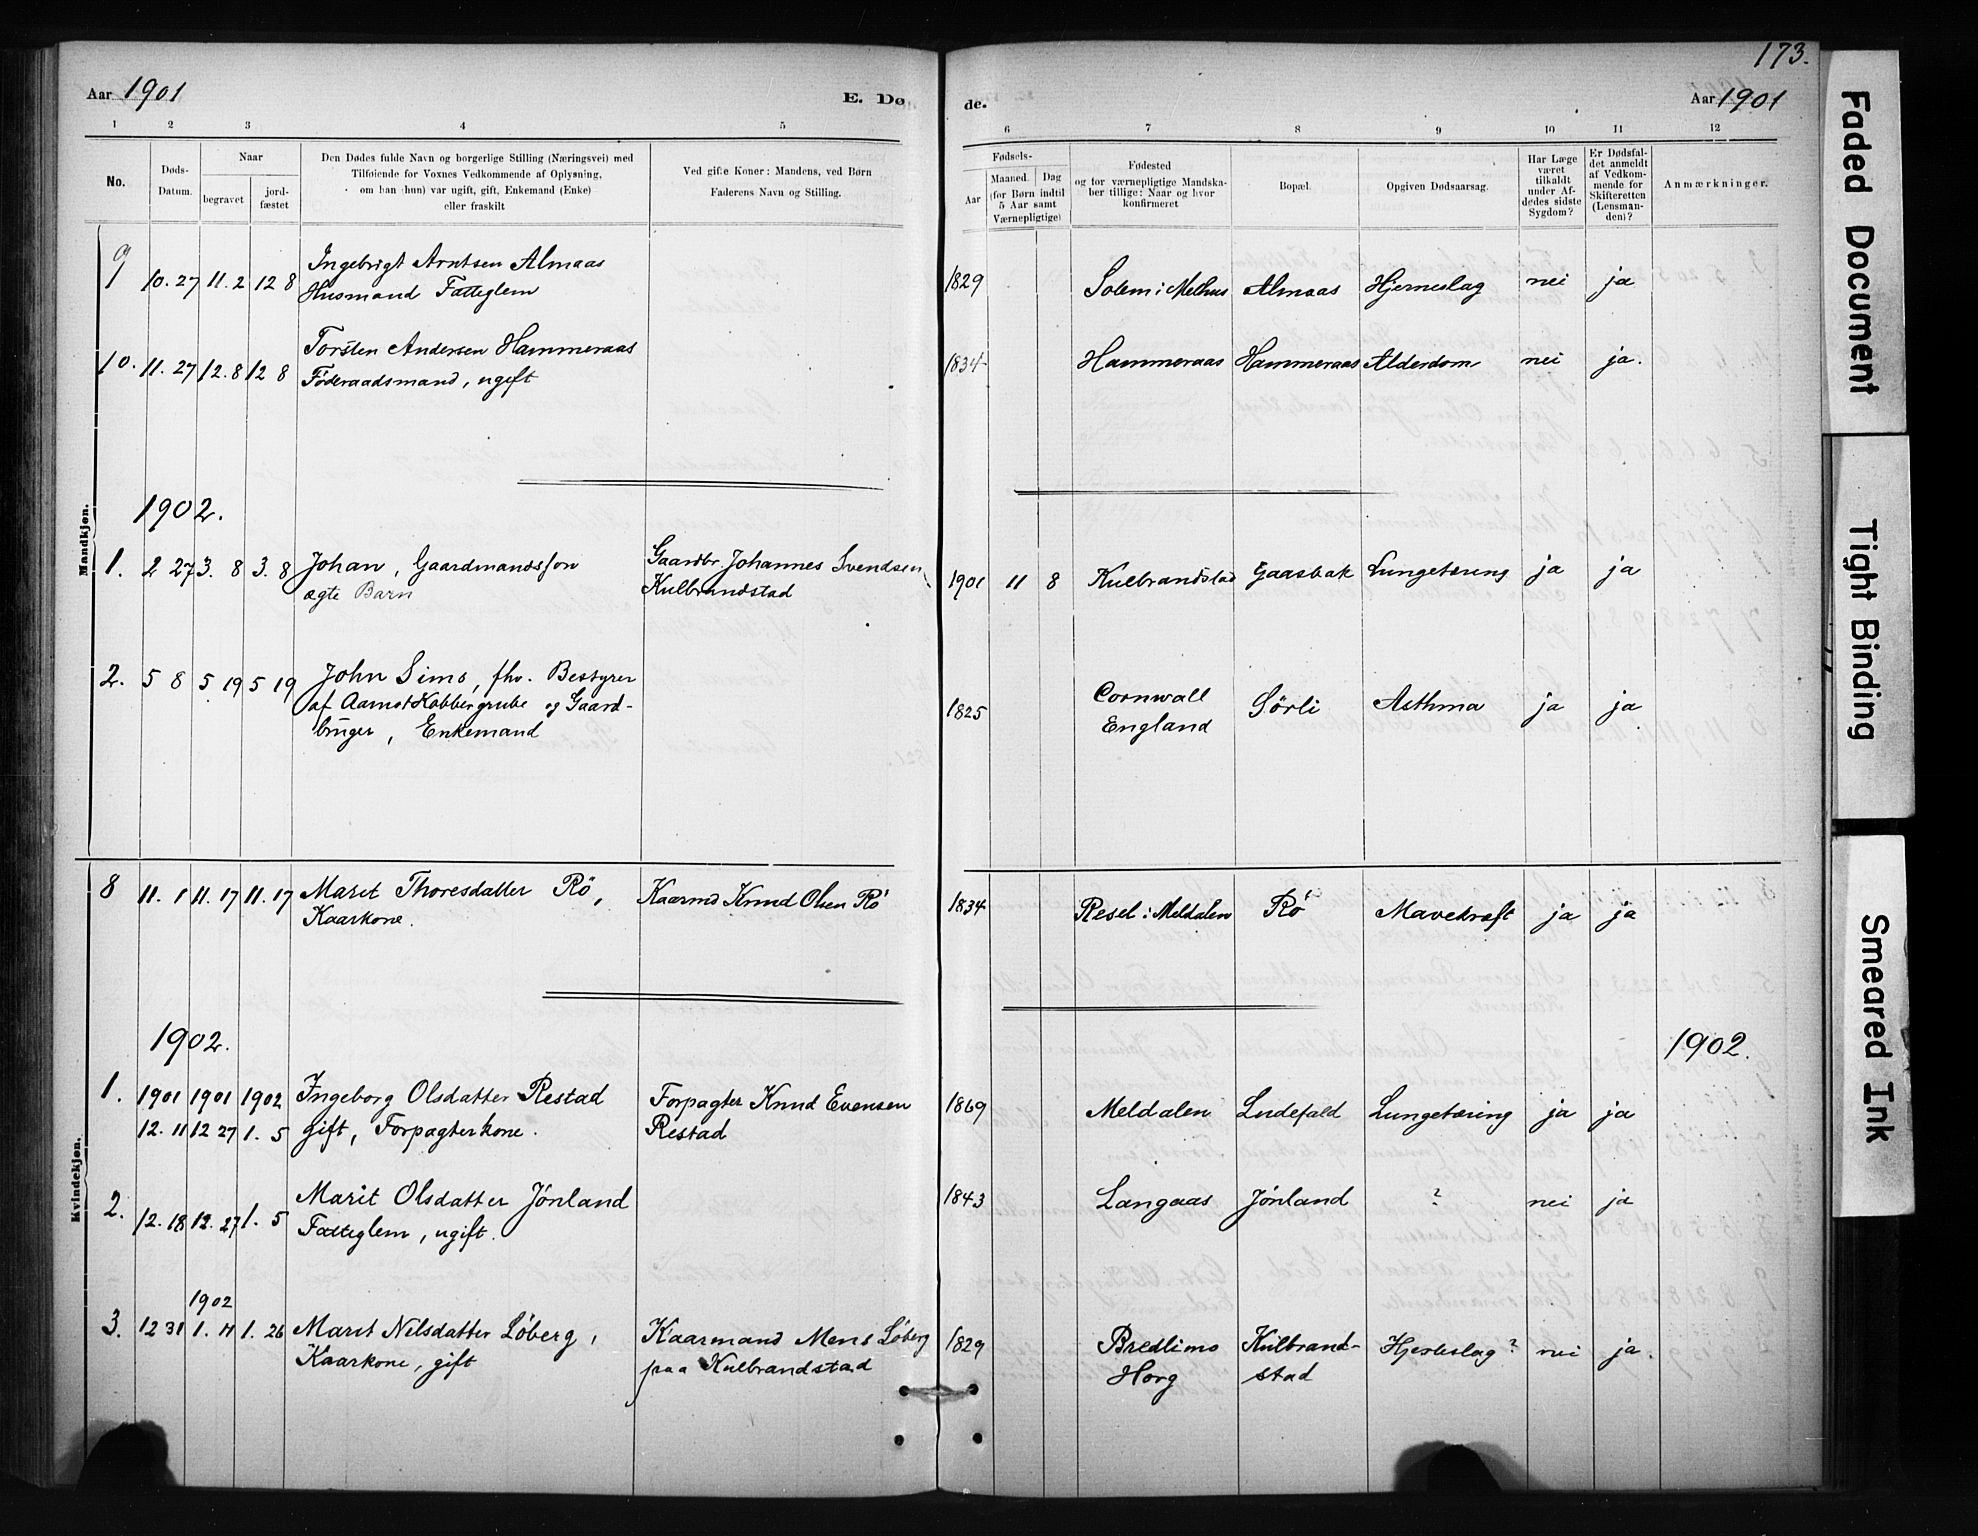 SAT, Ministerialprotokoller, klokkerbøker og fødselsregistre - Sør-Trøndelag, 694/L1127: Ministerialbok nr. 694A01, 1887-1905, s. 173